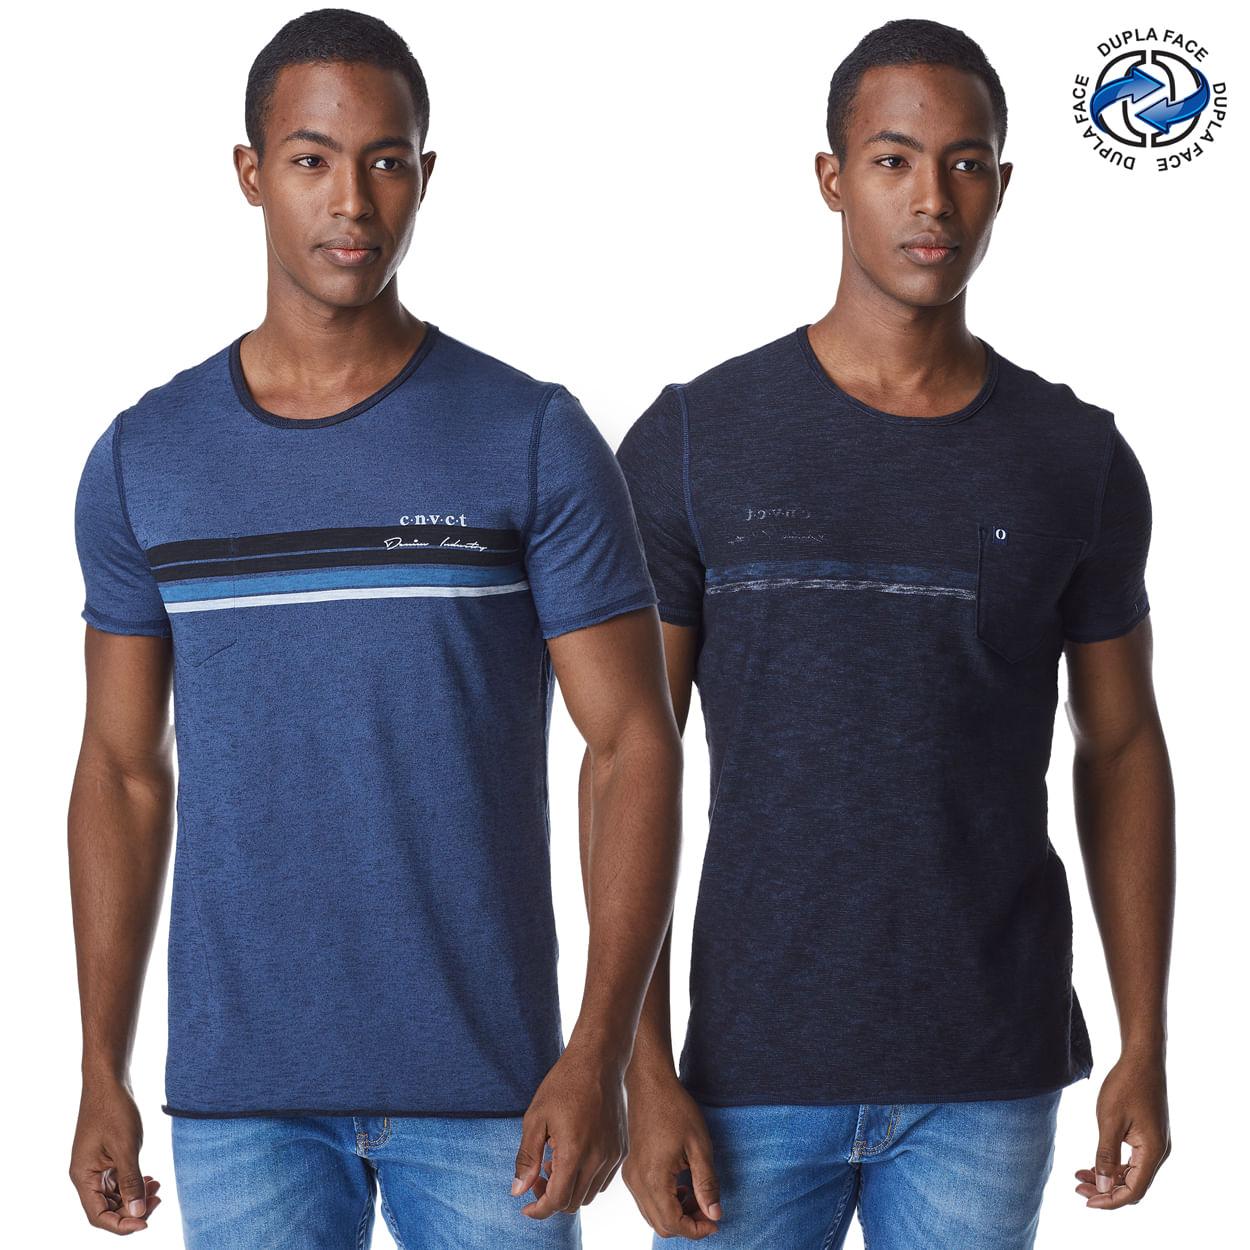 Camiseta-Manga-Curta-Masculina-Convicto-Dupla-Face